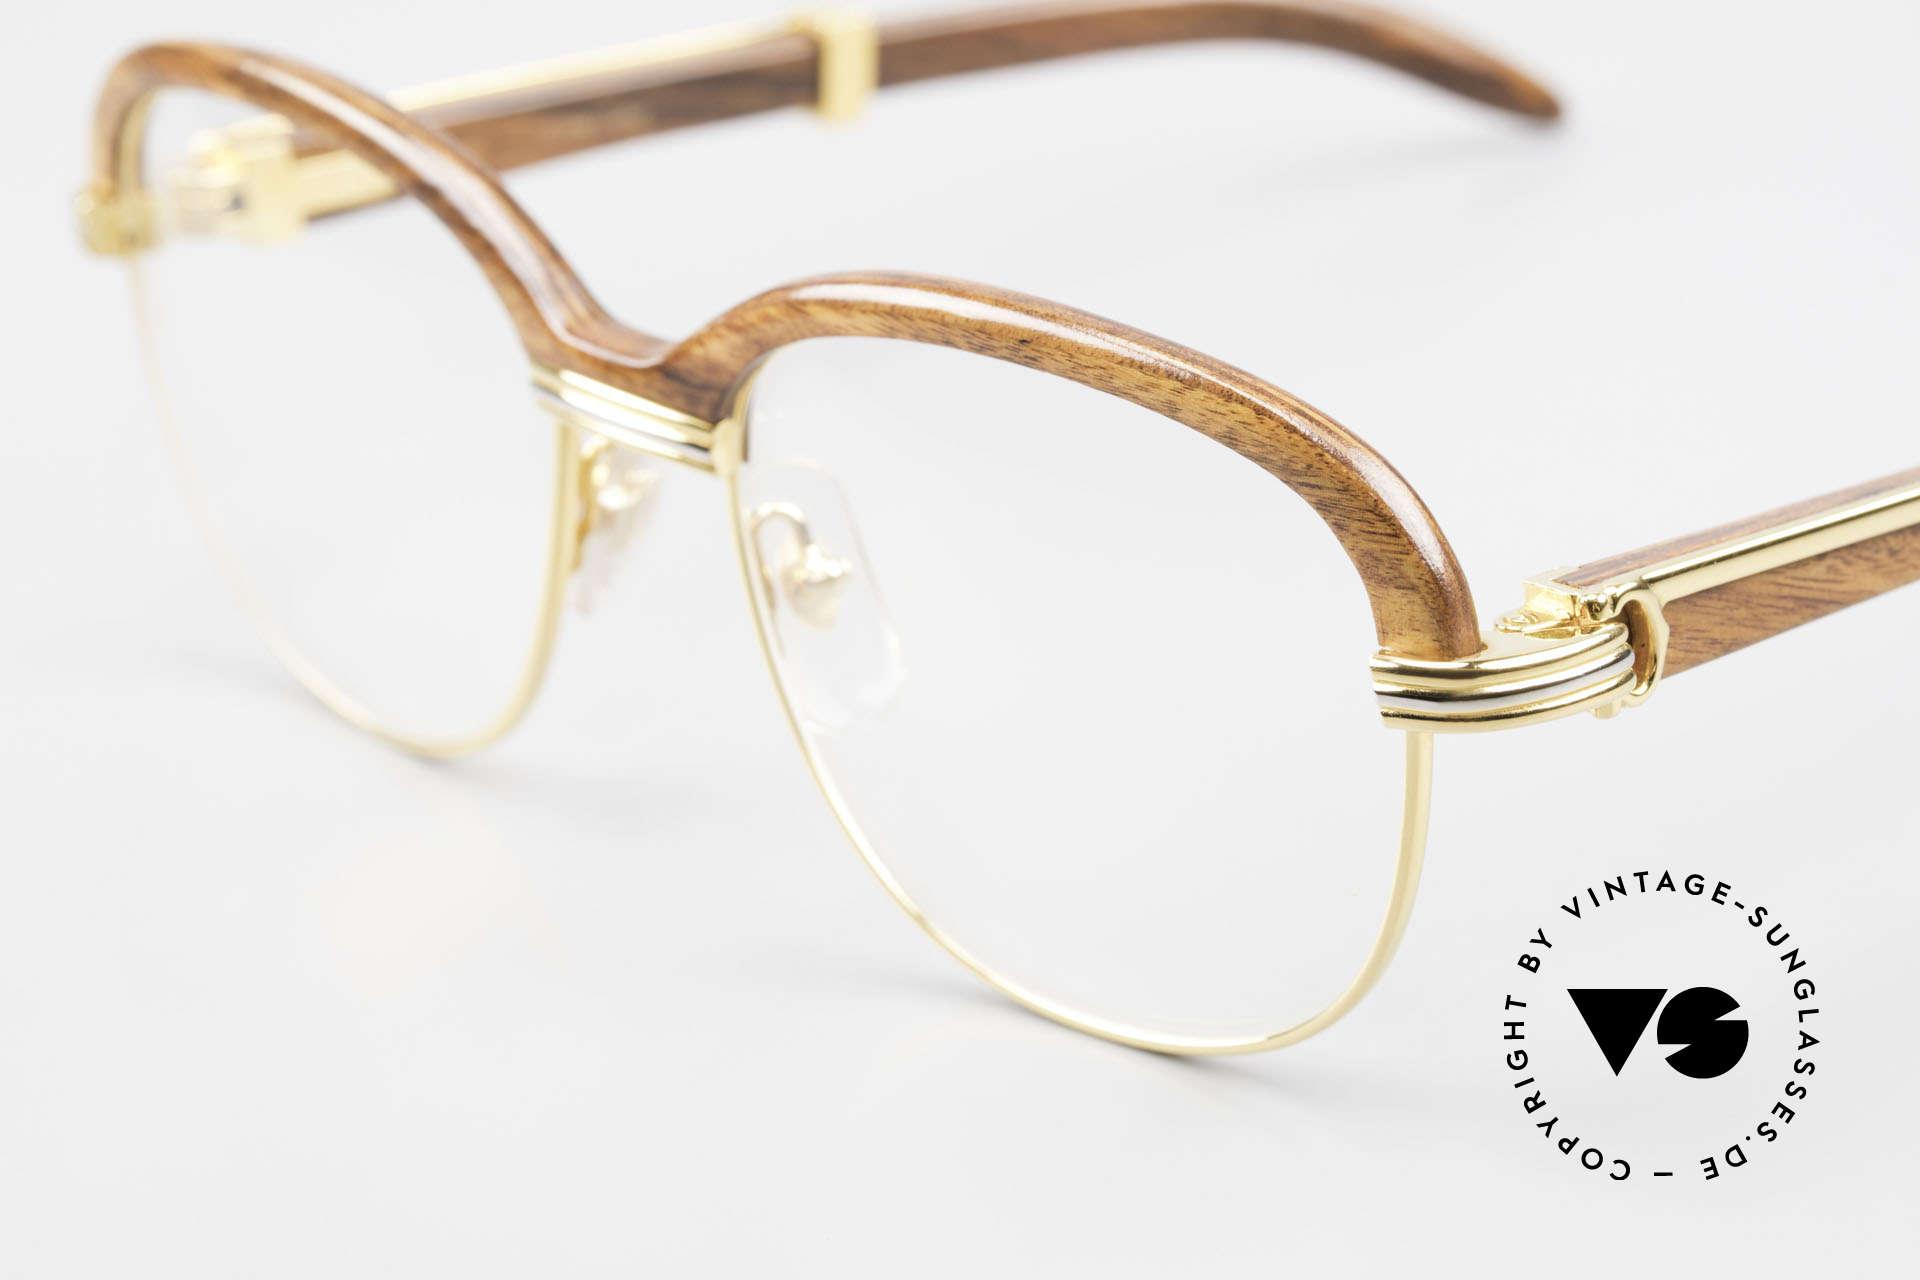 Cartier Malmaison Diego A. Maradona Holzbrille, KEINE Retrobrille, sondern ein Original von 1990, Passend für Herren und Damen